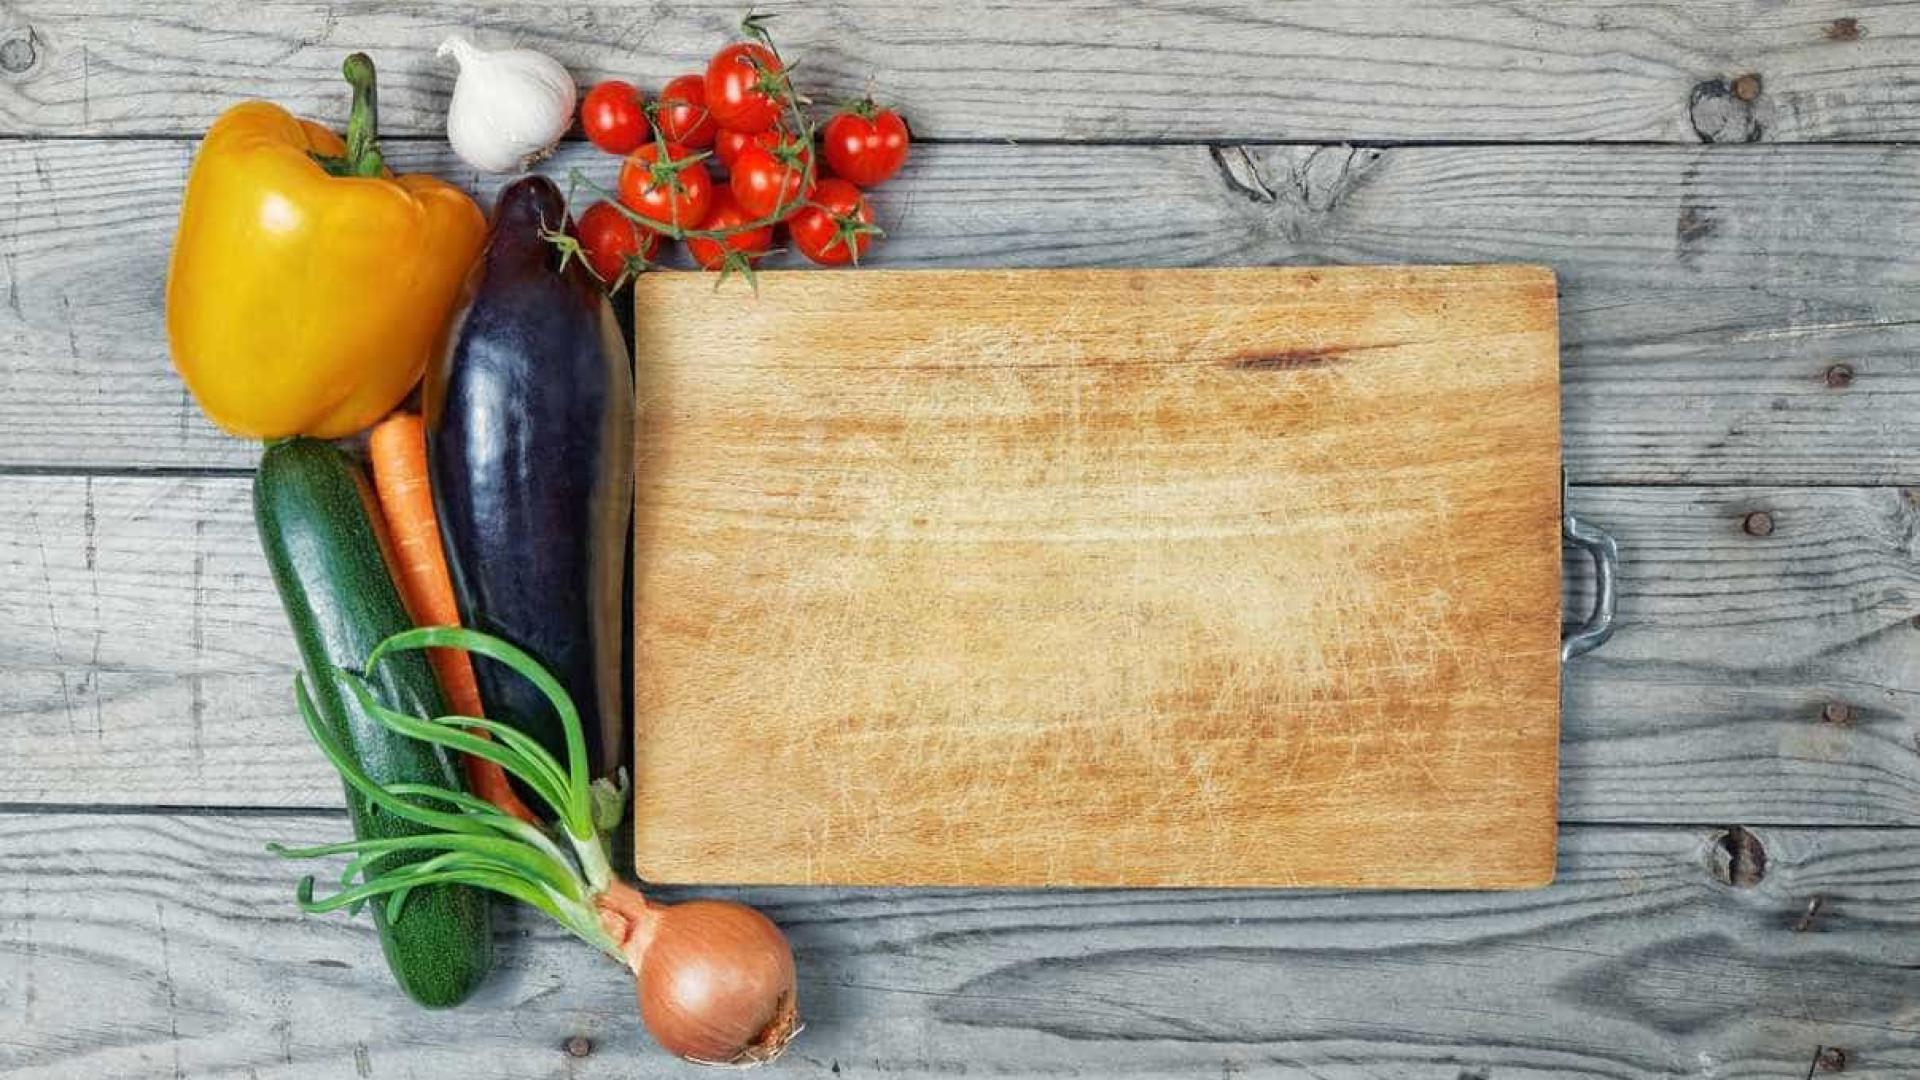 Confira truques culinários para cozinhar de forma mais saudável